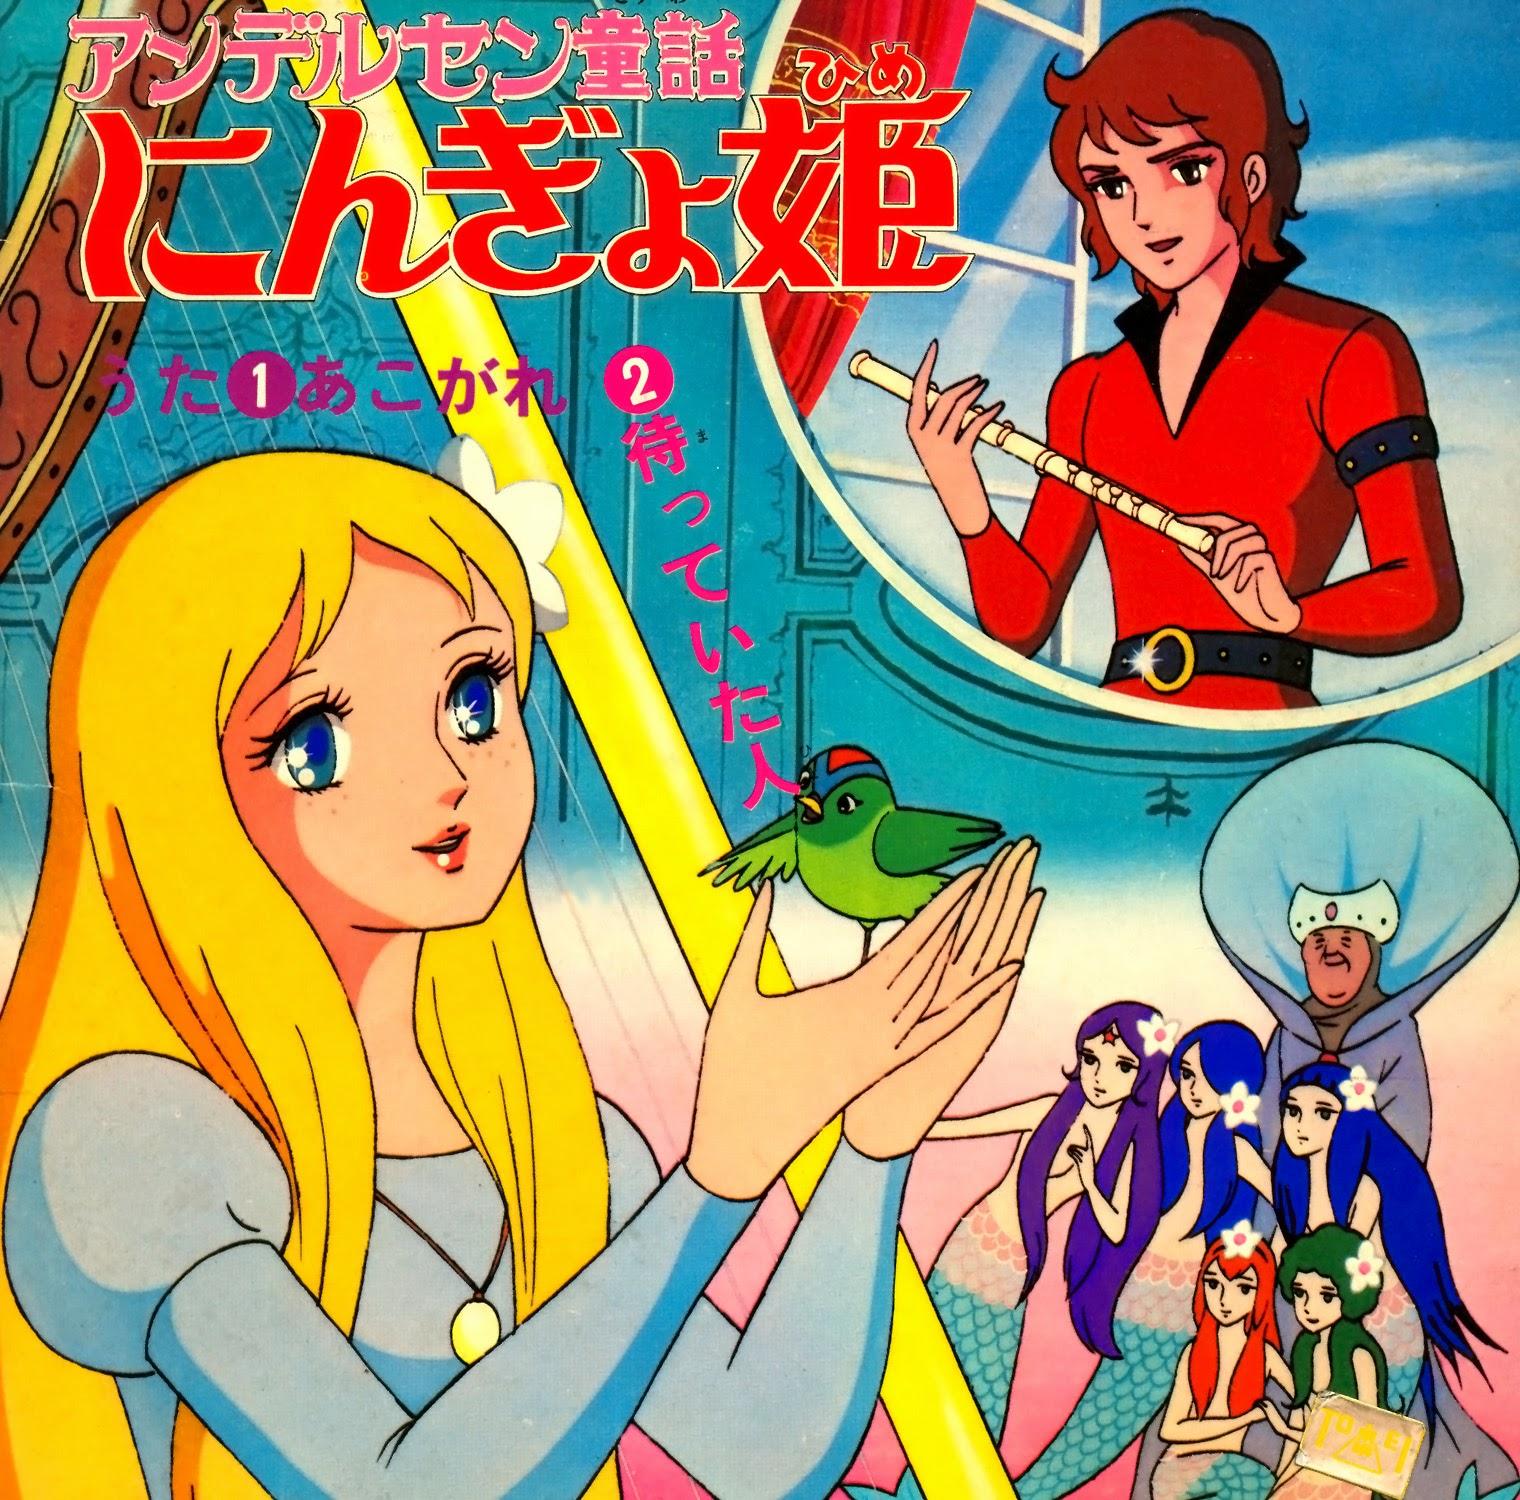 Anime asteroid recensione la sirenetta